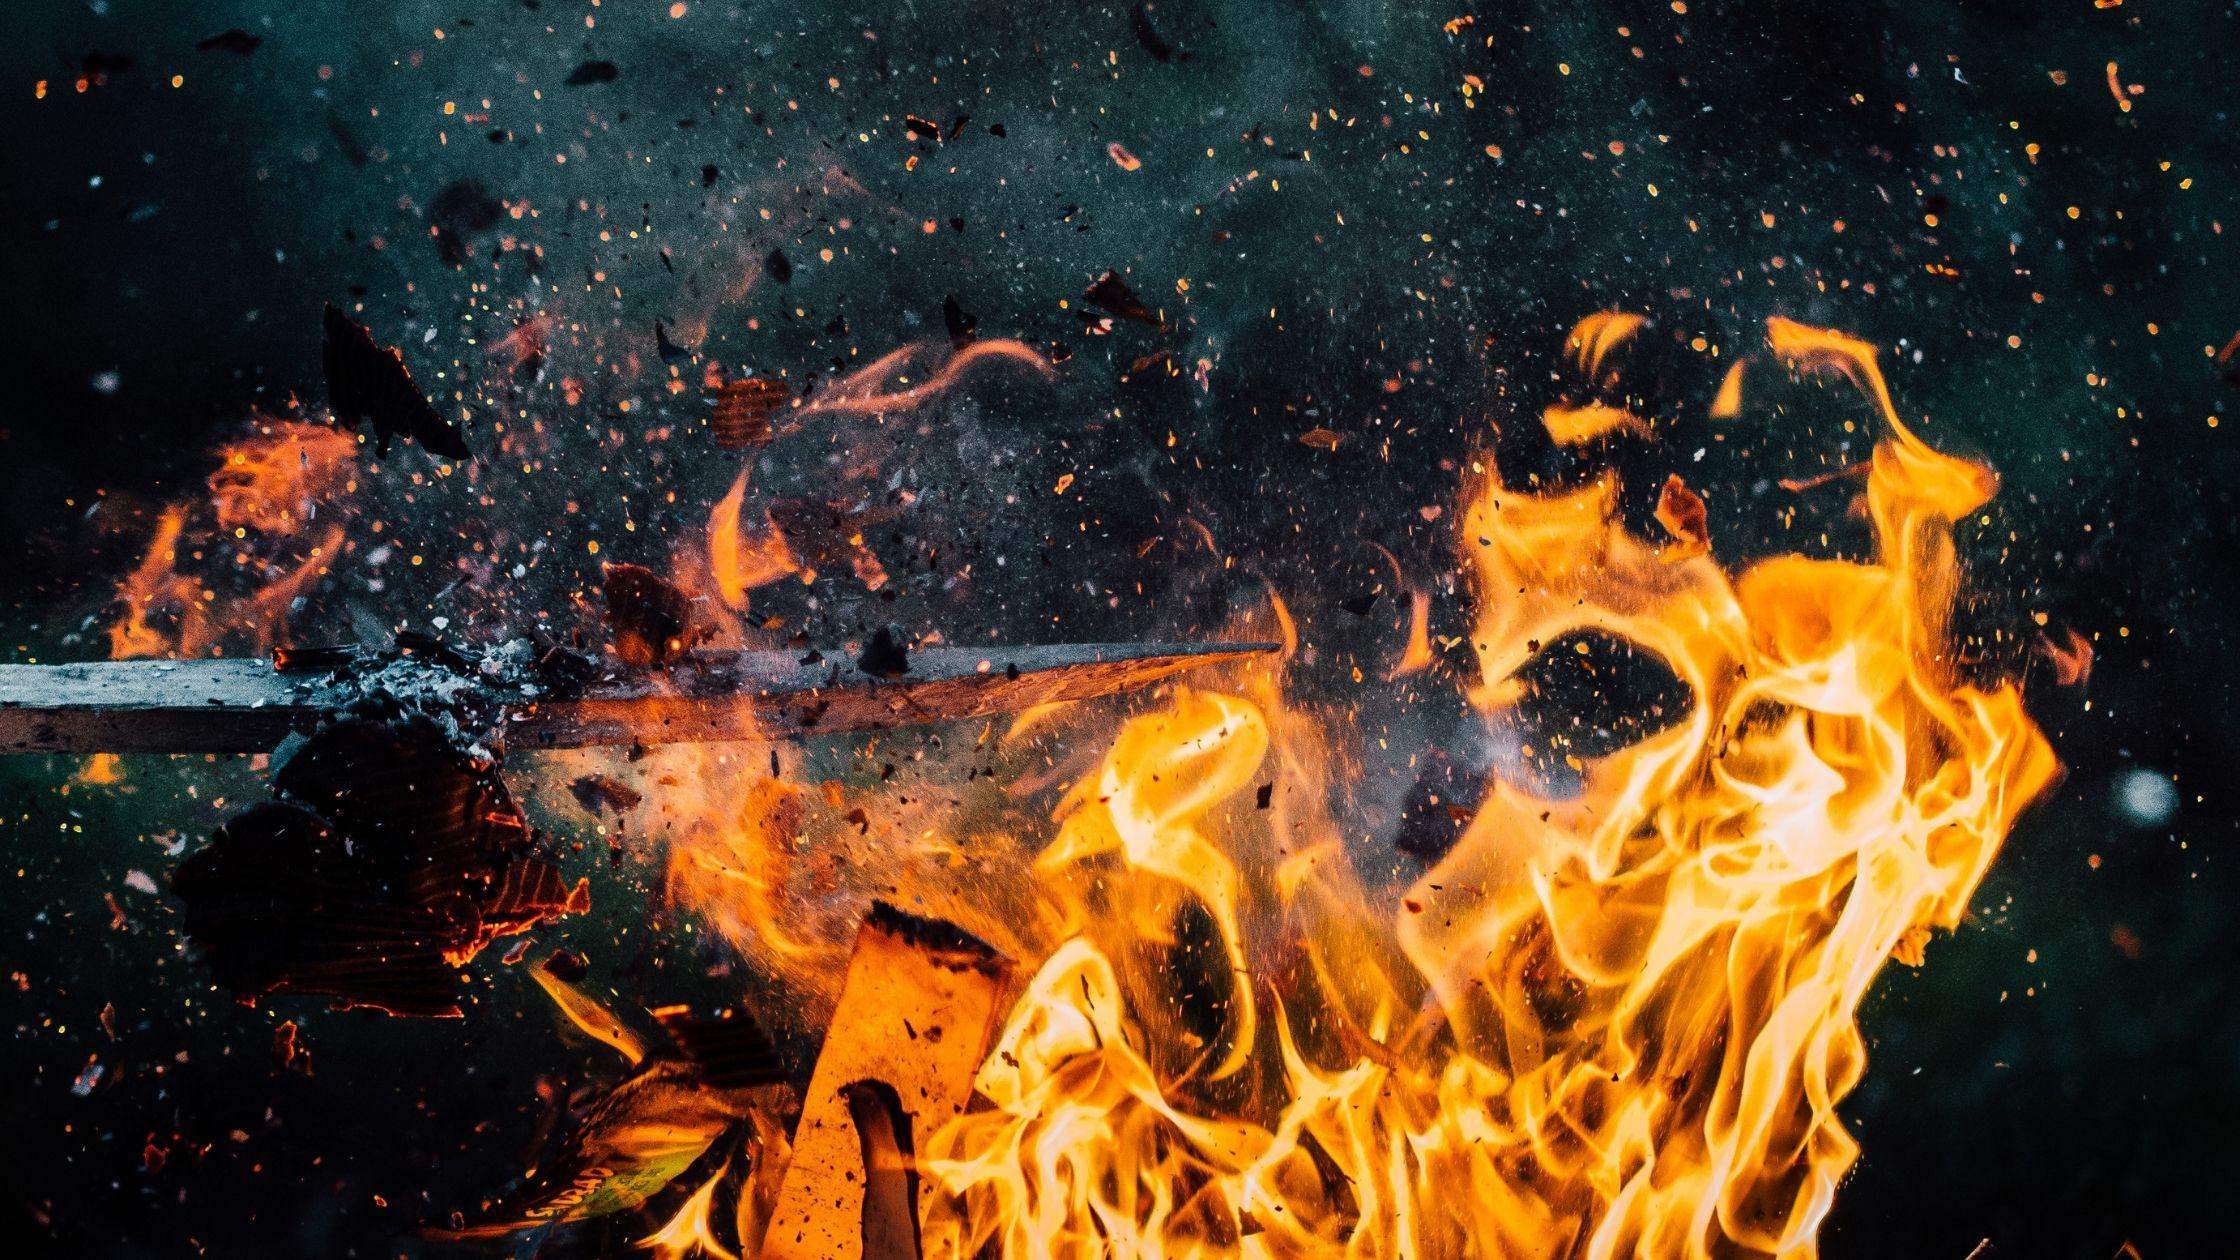 První krůčky s ohněm aneb jak na bezpečnou fireshow